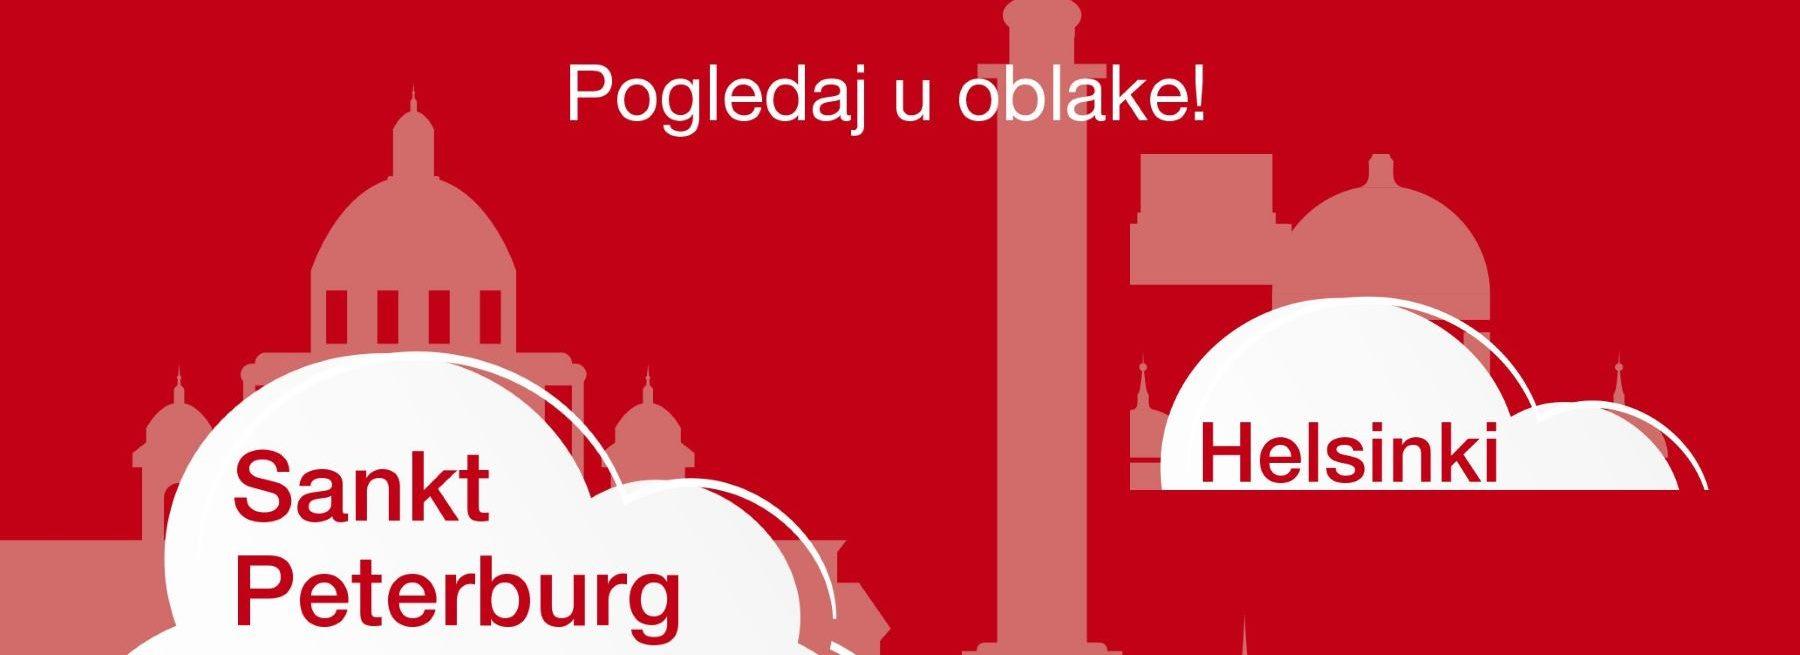 Croatia Airlines izravno povezuje Zagreb s Helsinkijem i Sankt Peterburgom